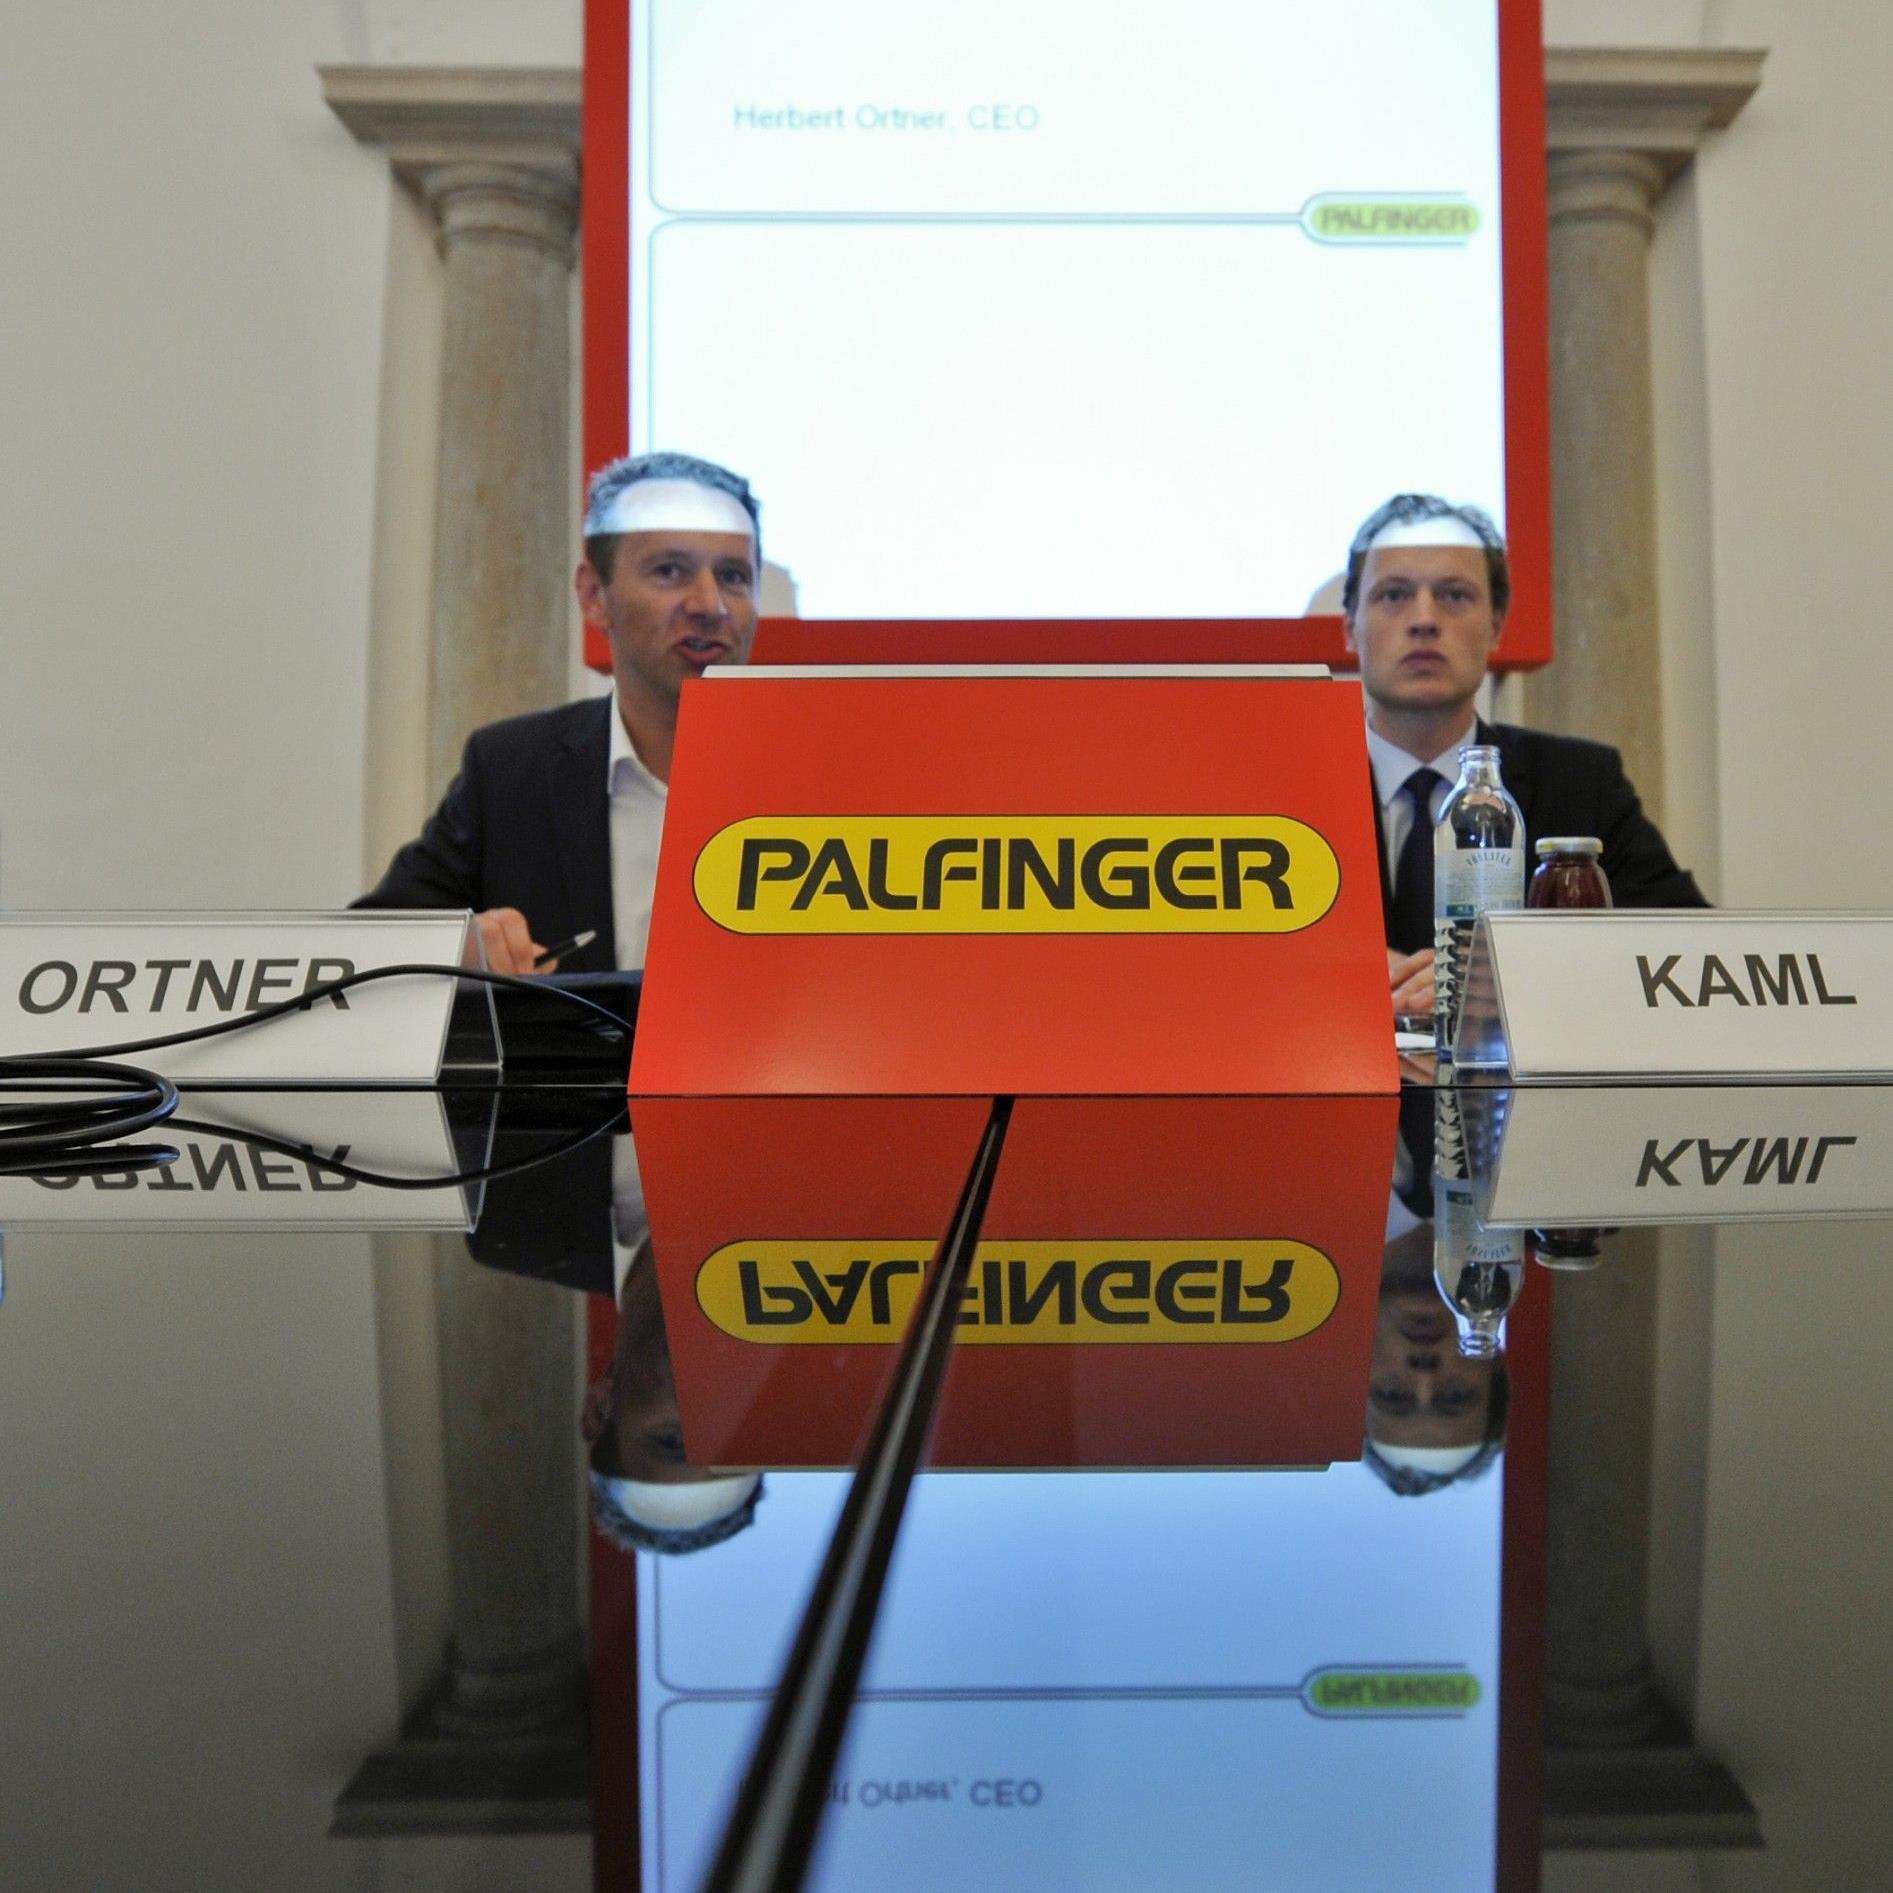 Palfinger setzt auf Wachstum außerhalb Europas. Im Bild von links: Vorstandsvorsitzender Herbert Ortner und Finanzvorstand Christoph Kaml.